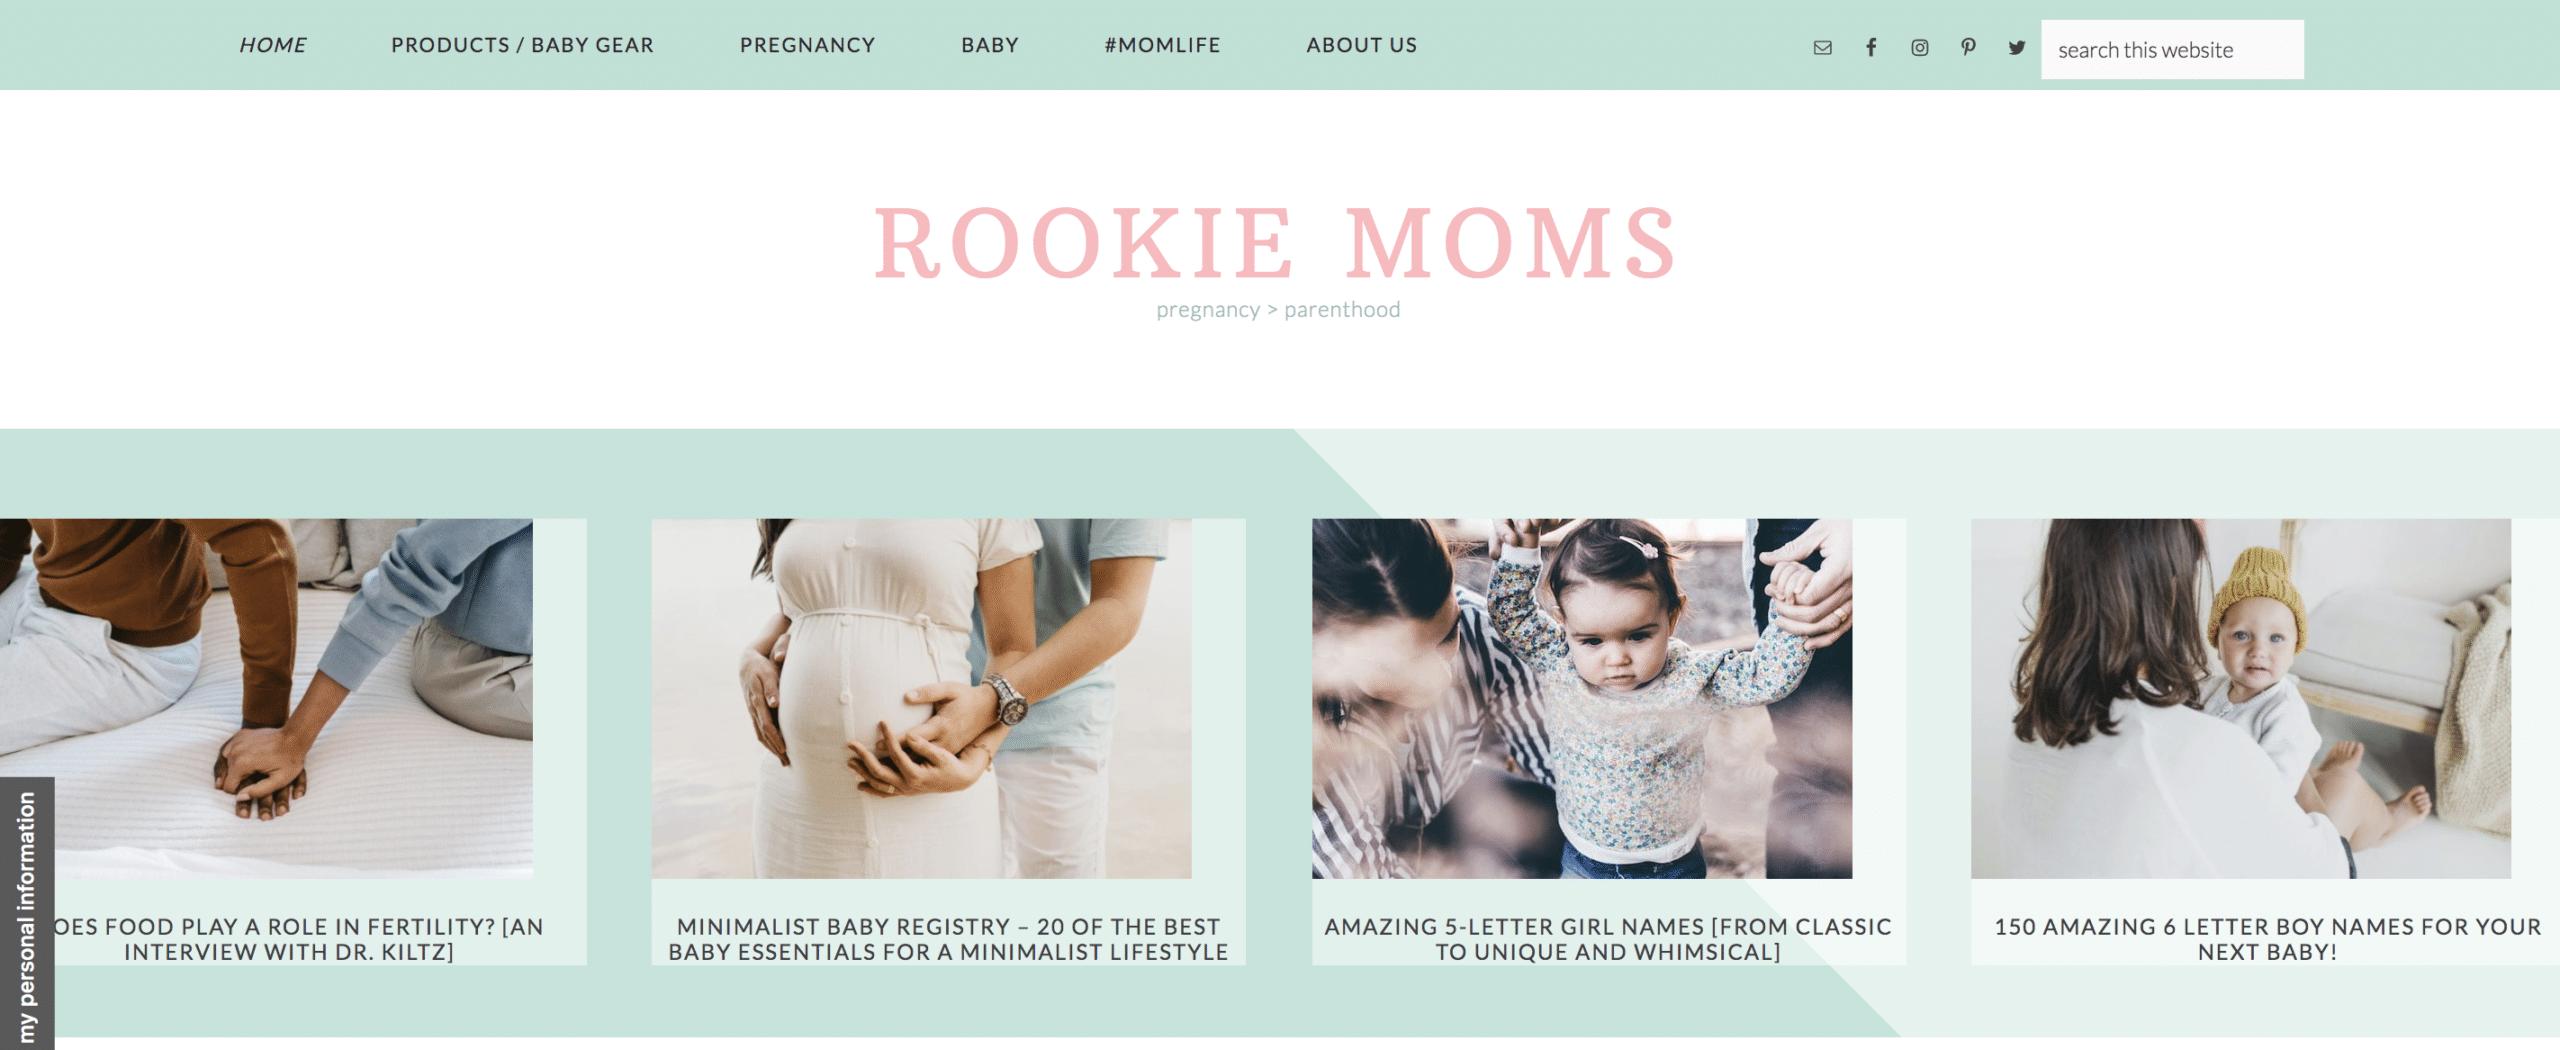 rookie moms website homepage